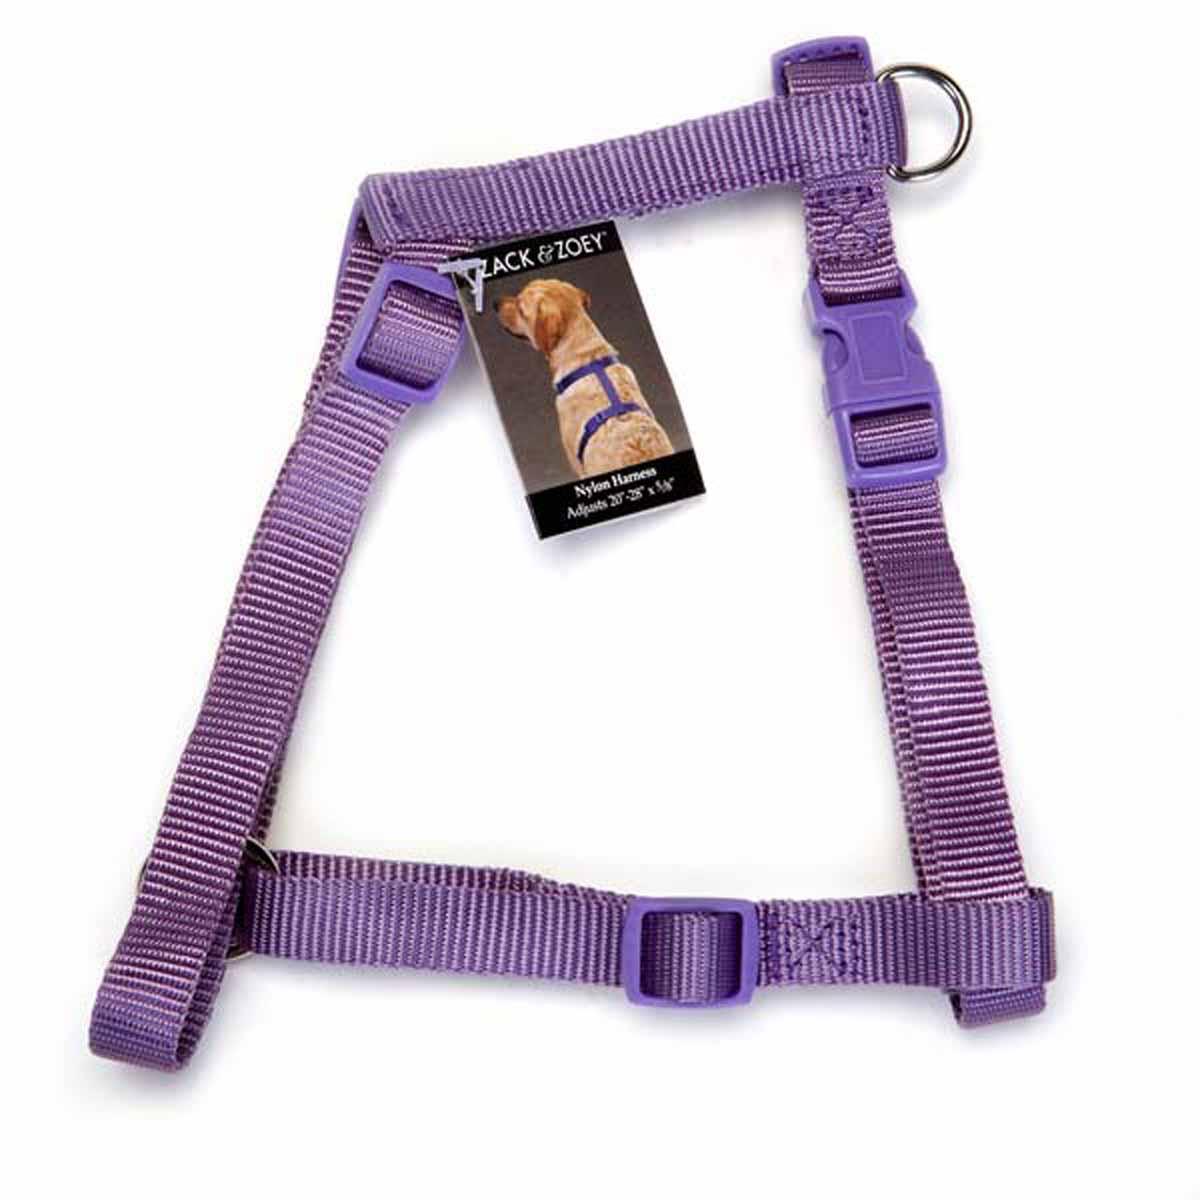 Nylon Dog Harness by Zack & Zoey - Ultra Violet